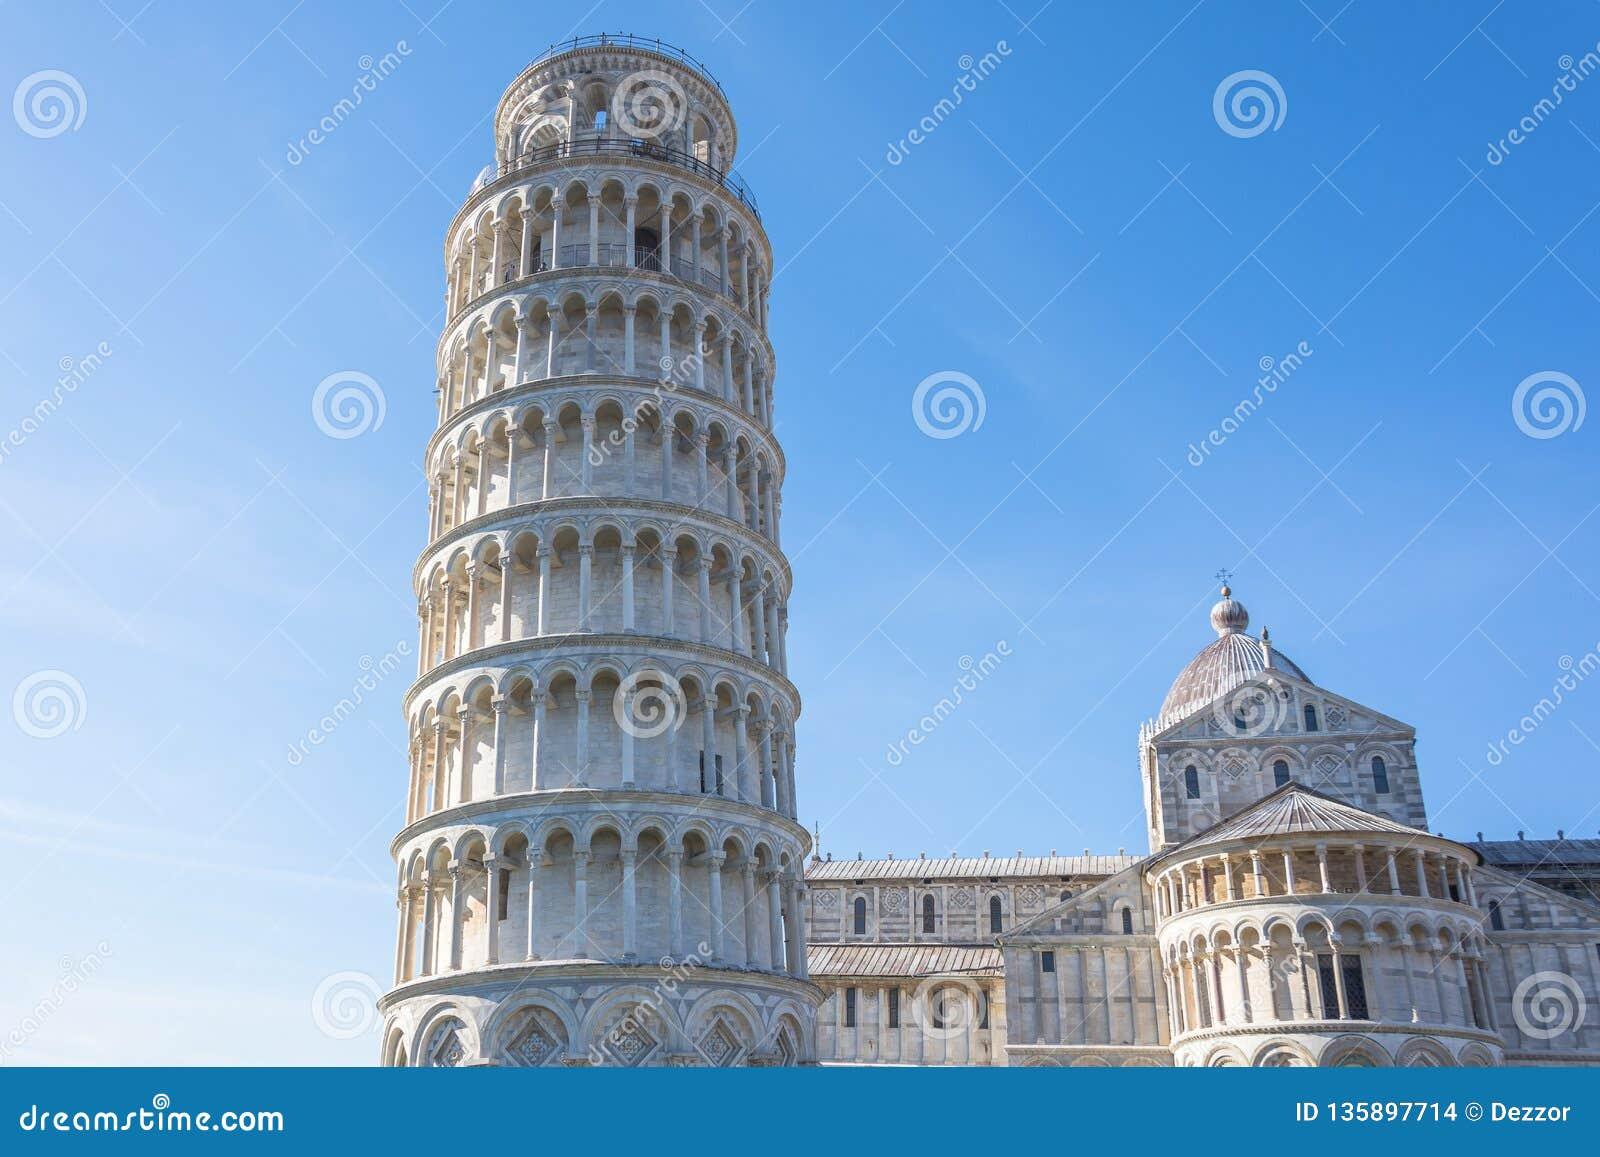 Catedral de Pisa e a torre inclinada em um dia ensolarado em Pisa, Itália